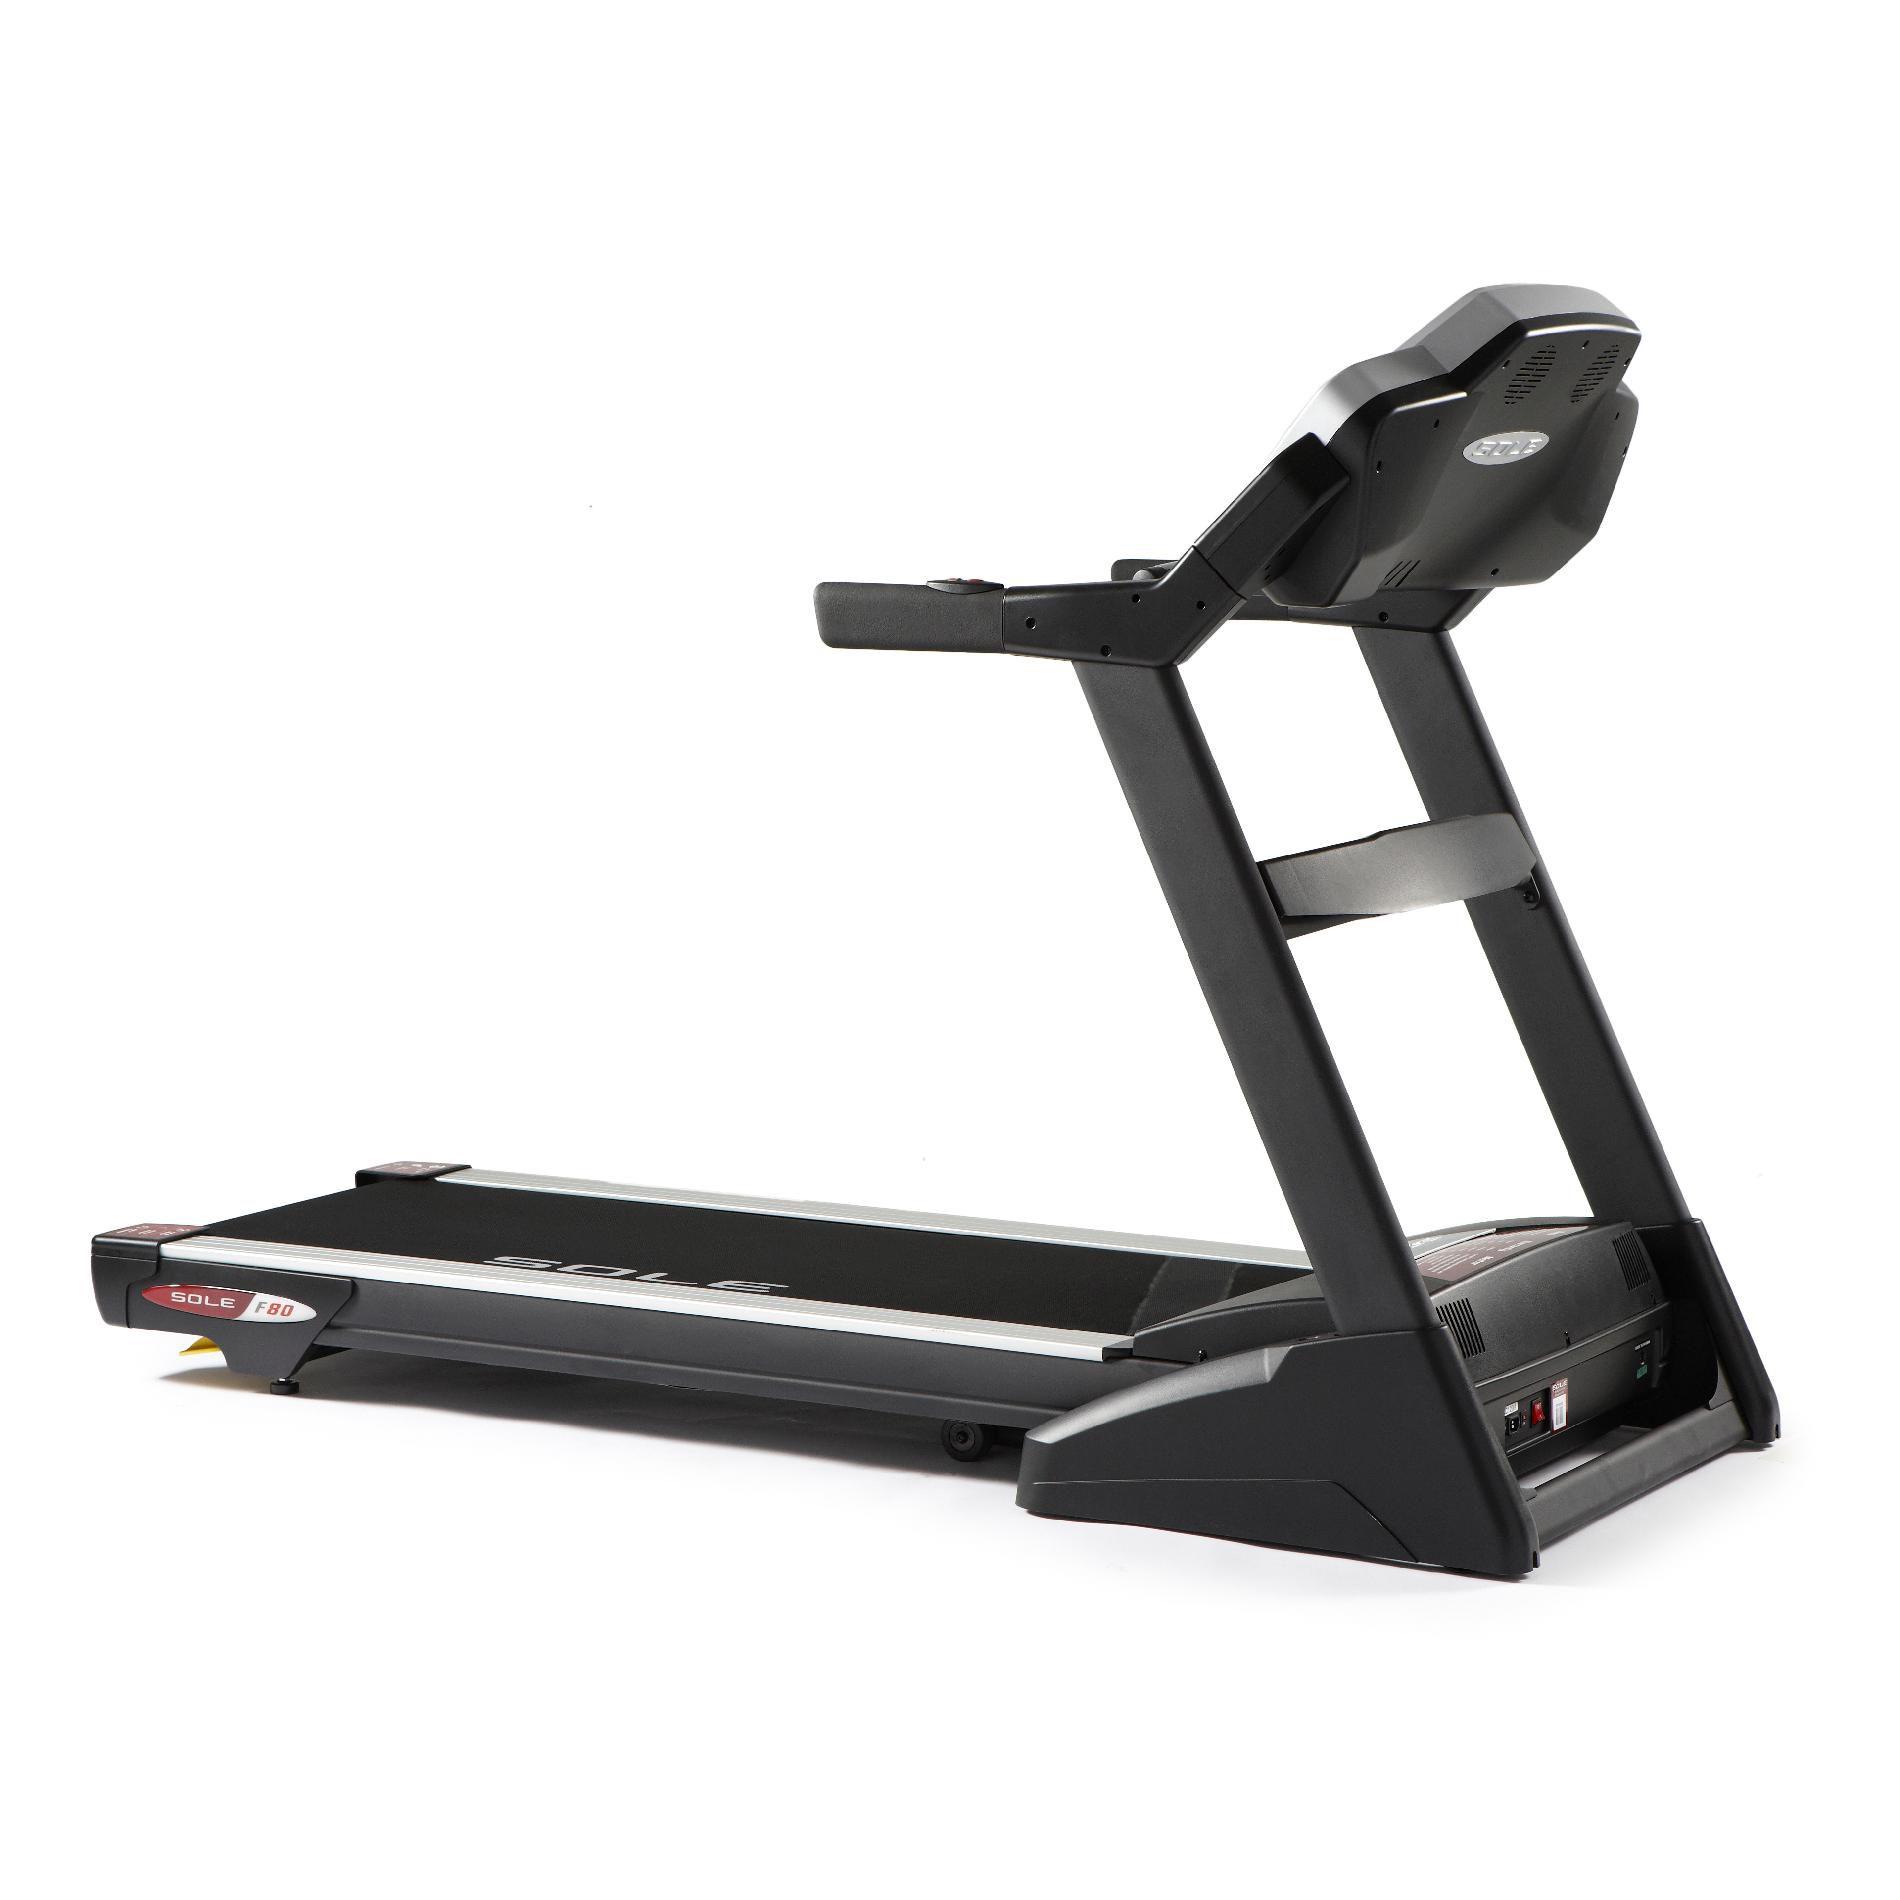 Sole F80 Treadmill- 2011 Model